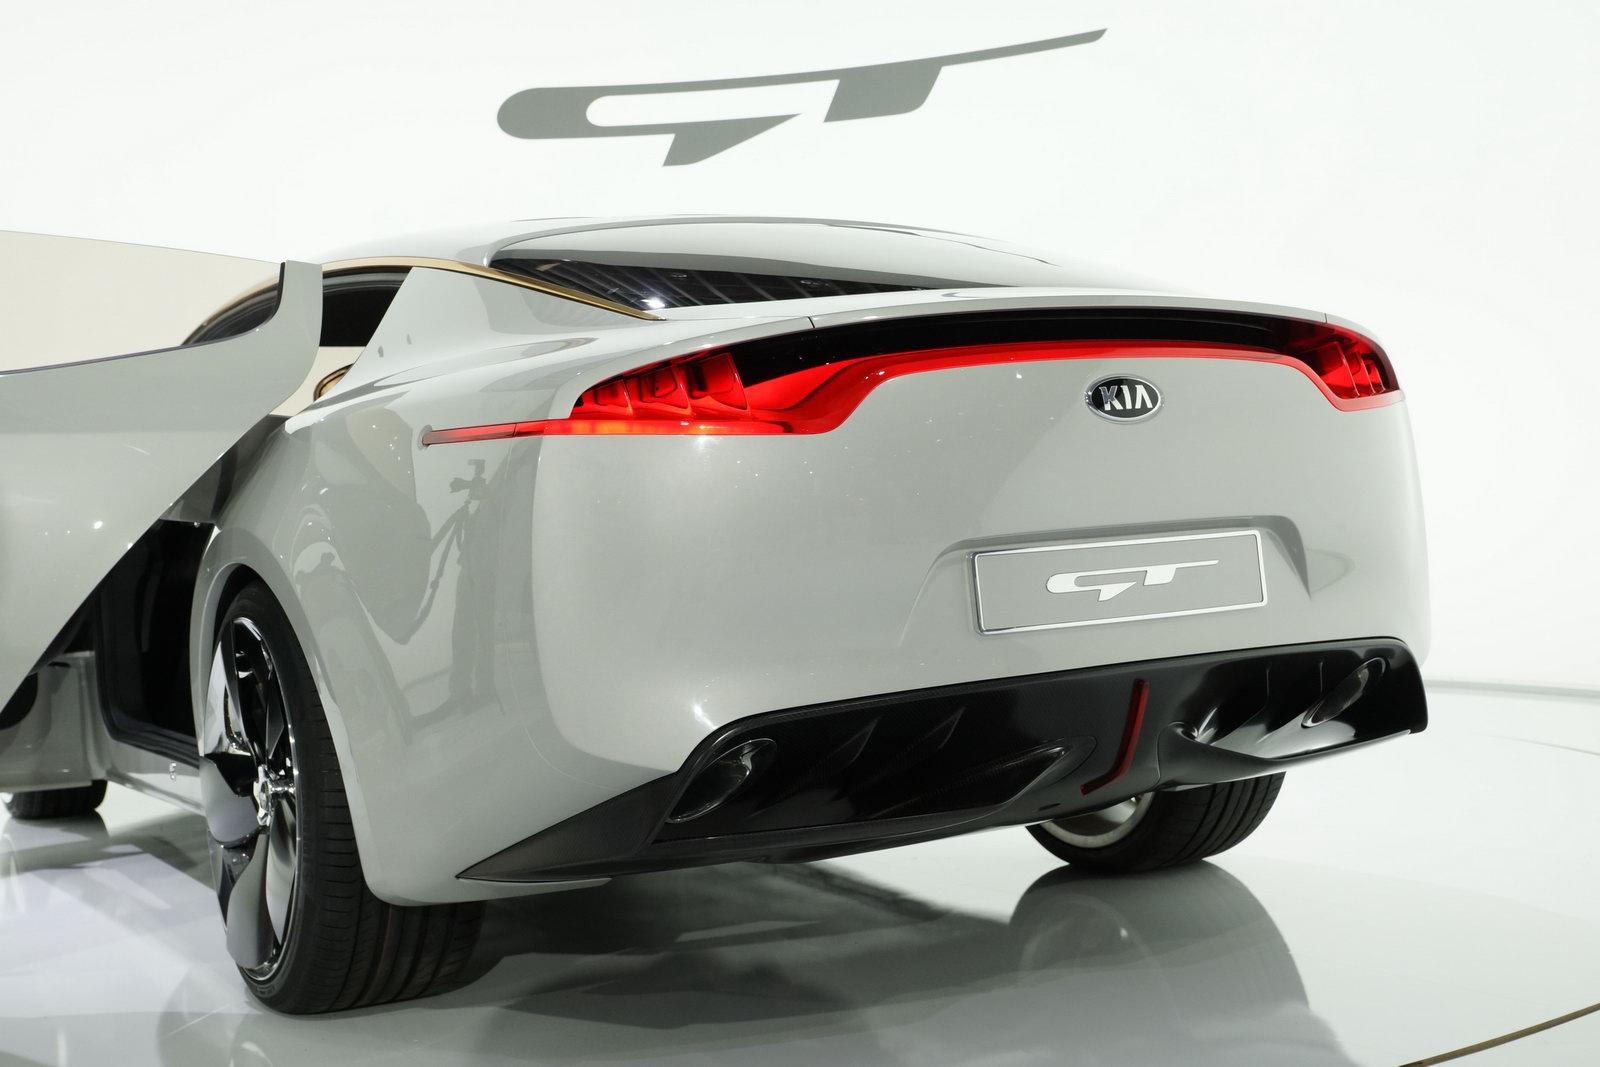 KIA GT Concept ra mắt tại triển lãm xe hơi Frankfurt 2011